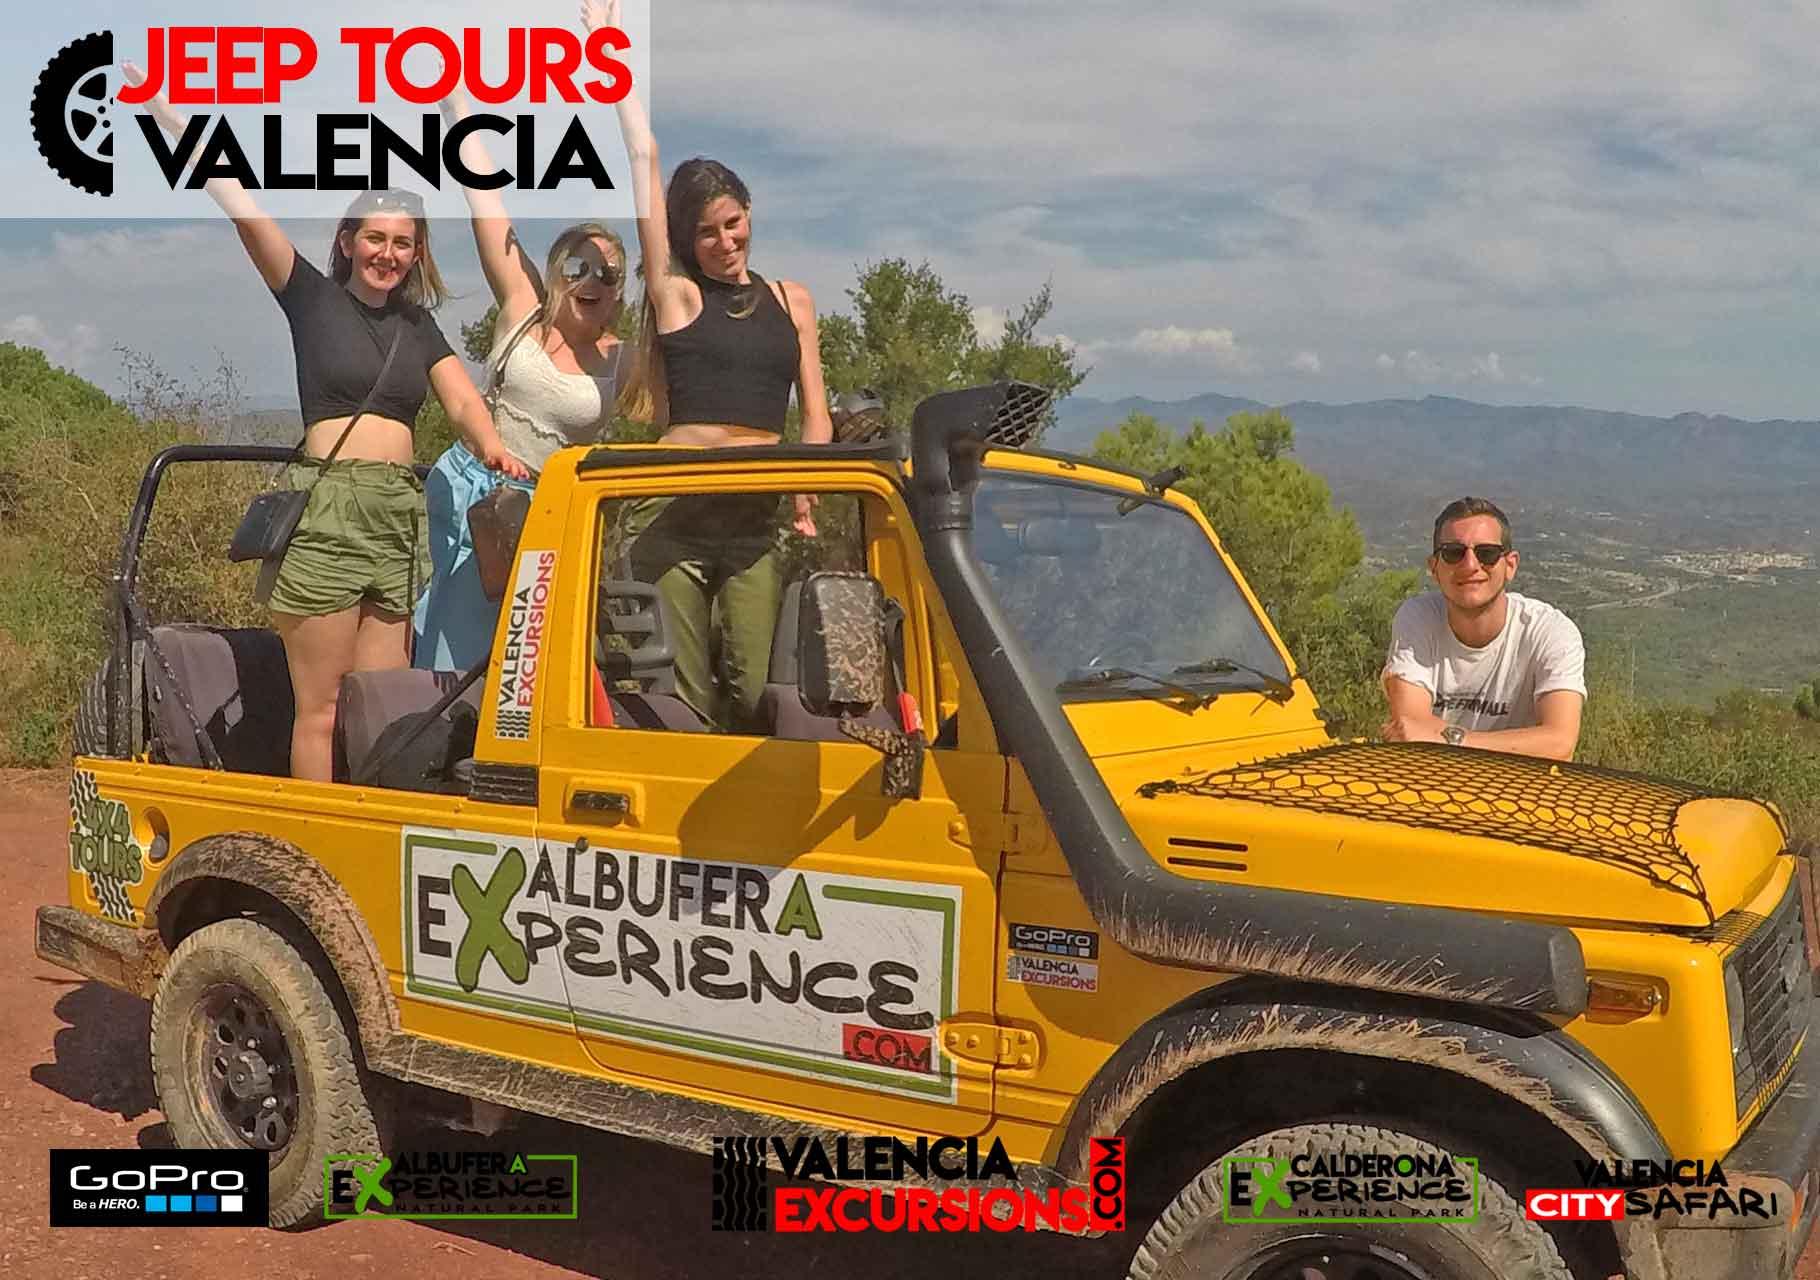 Albufera tour 4x4